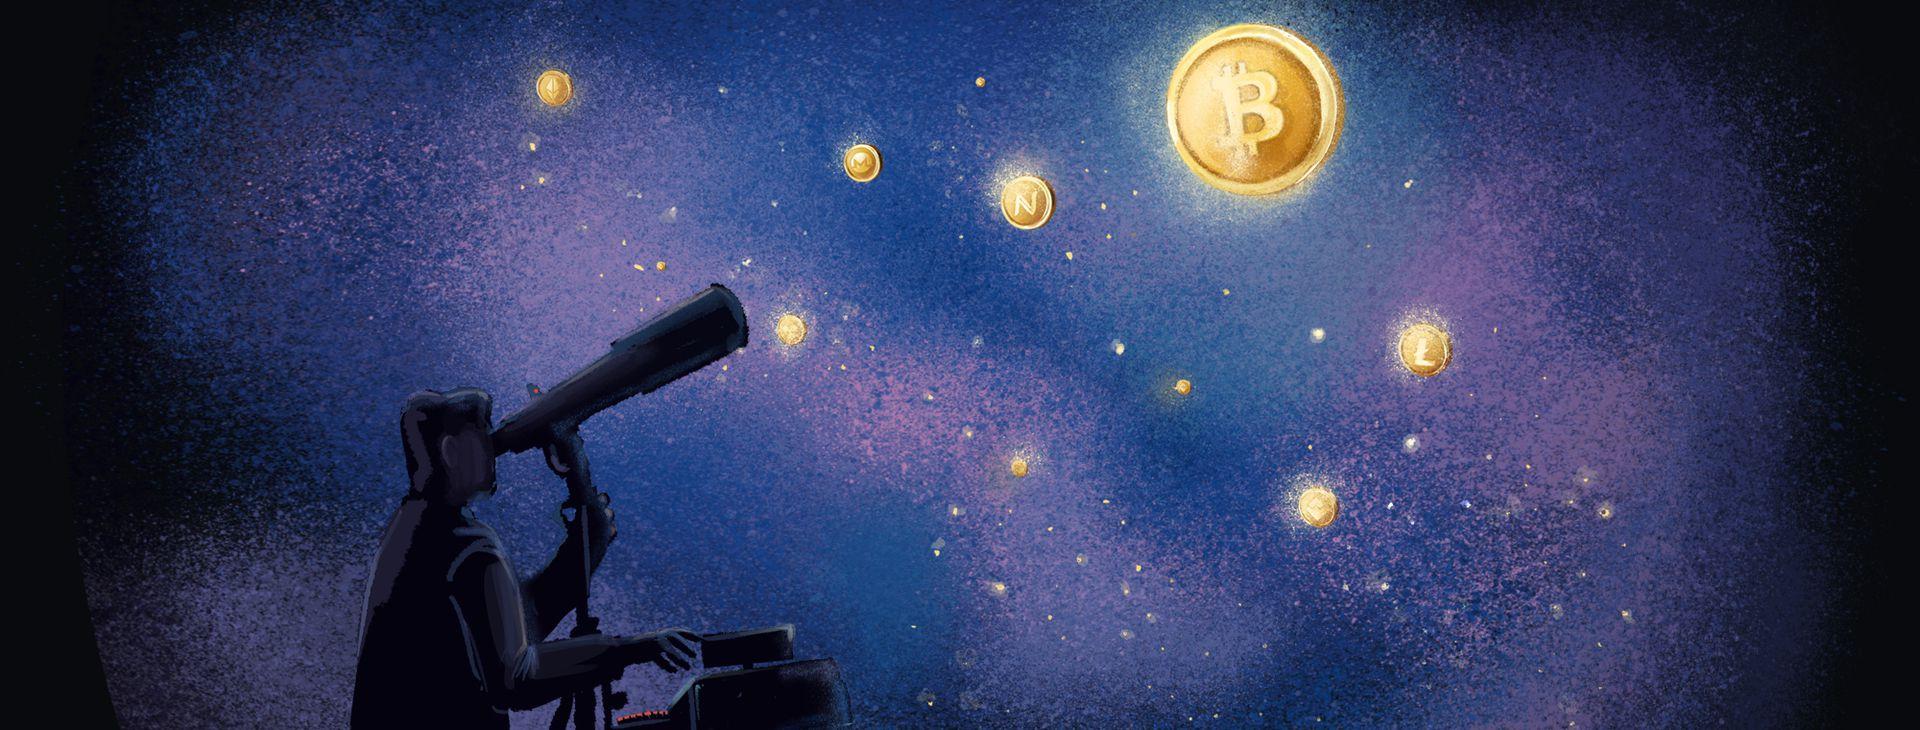 disparen-contra-el-bitcoin:-buscan-domar-las-criptomonedas